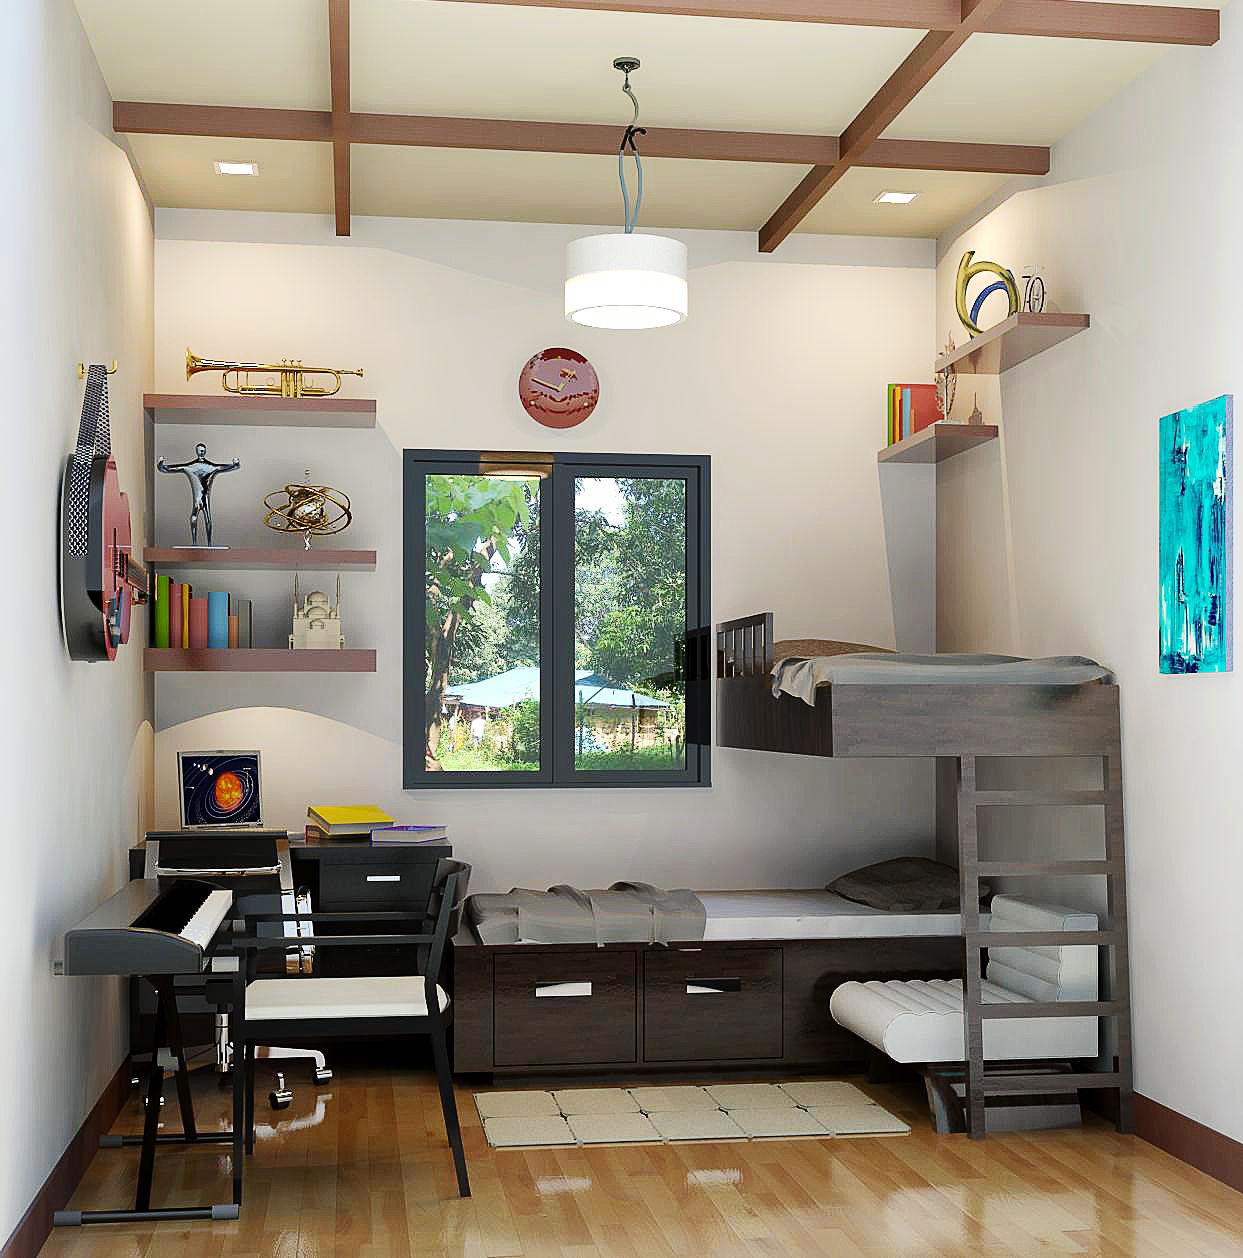 بالصور غرف شباب , اجمل الغرف للشباب والتجديد والافراد فى الديكورات 3647 12